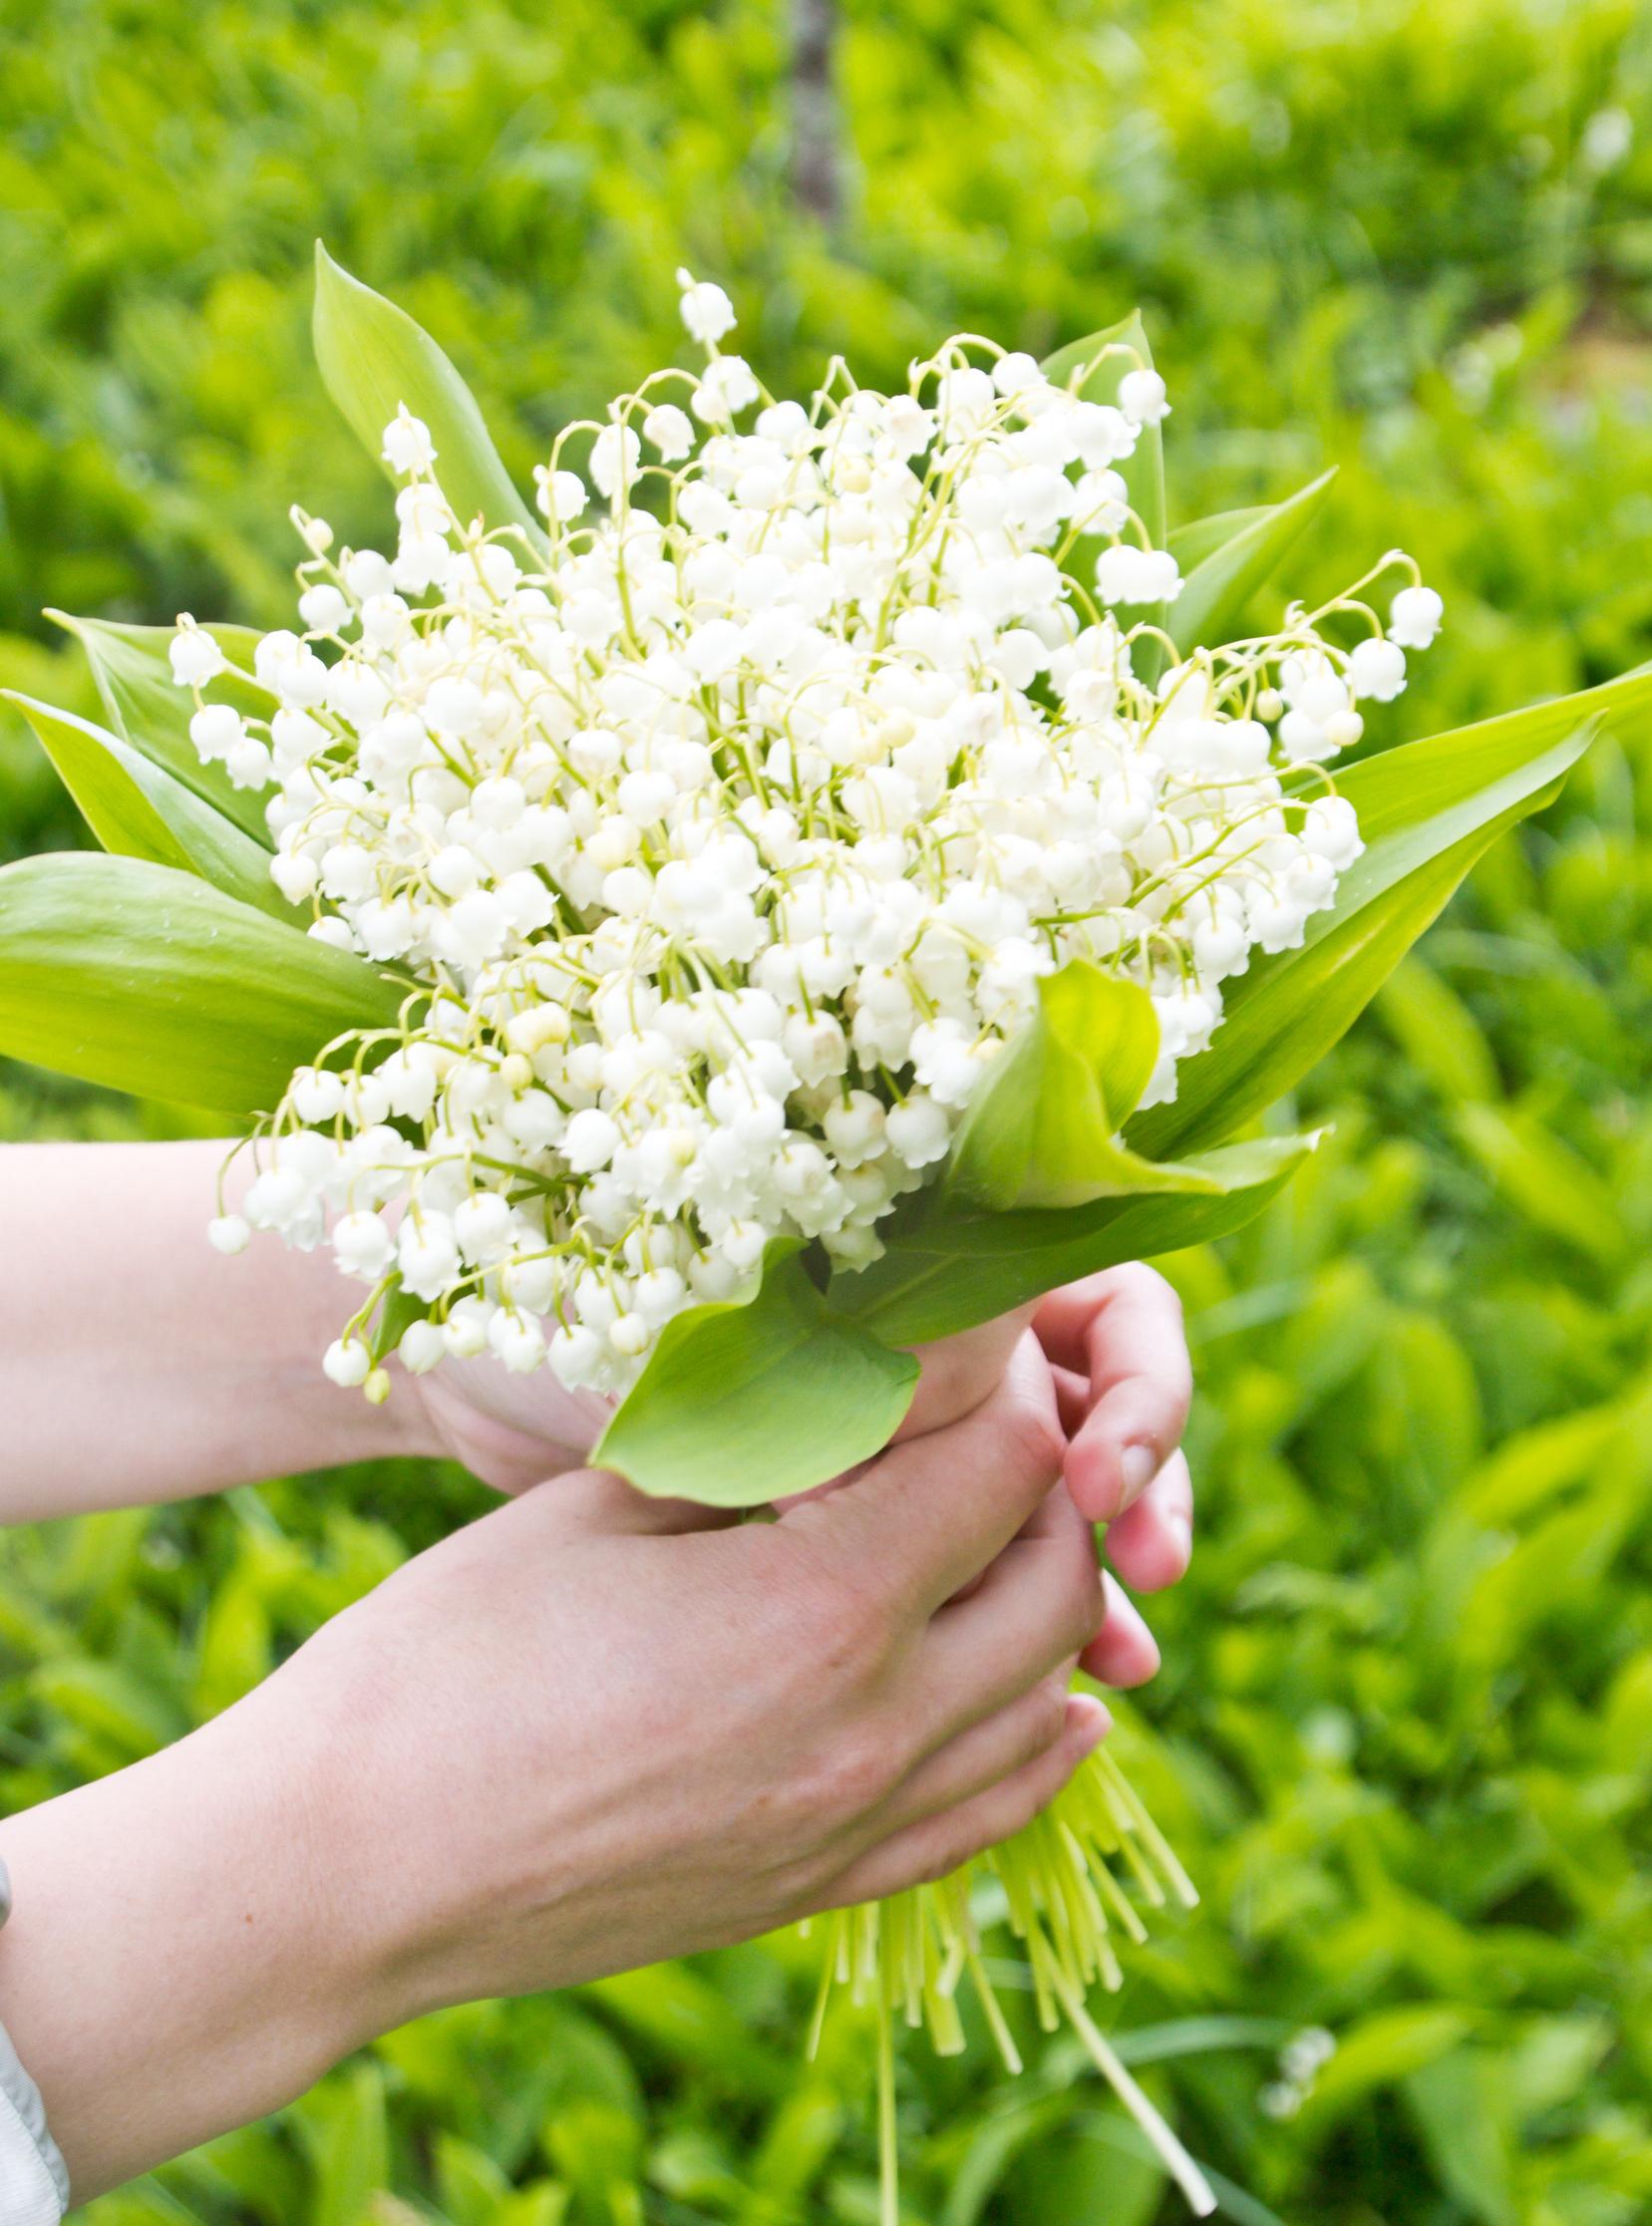 Bouquet de muguet, photo © termis1983 - Fotolia.com